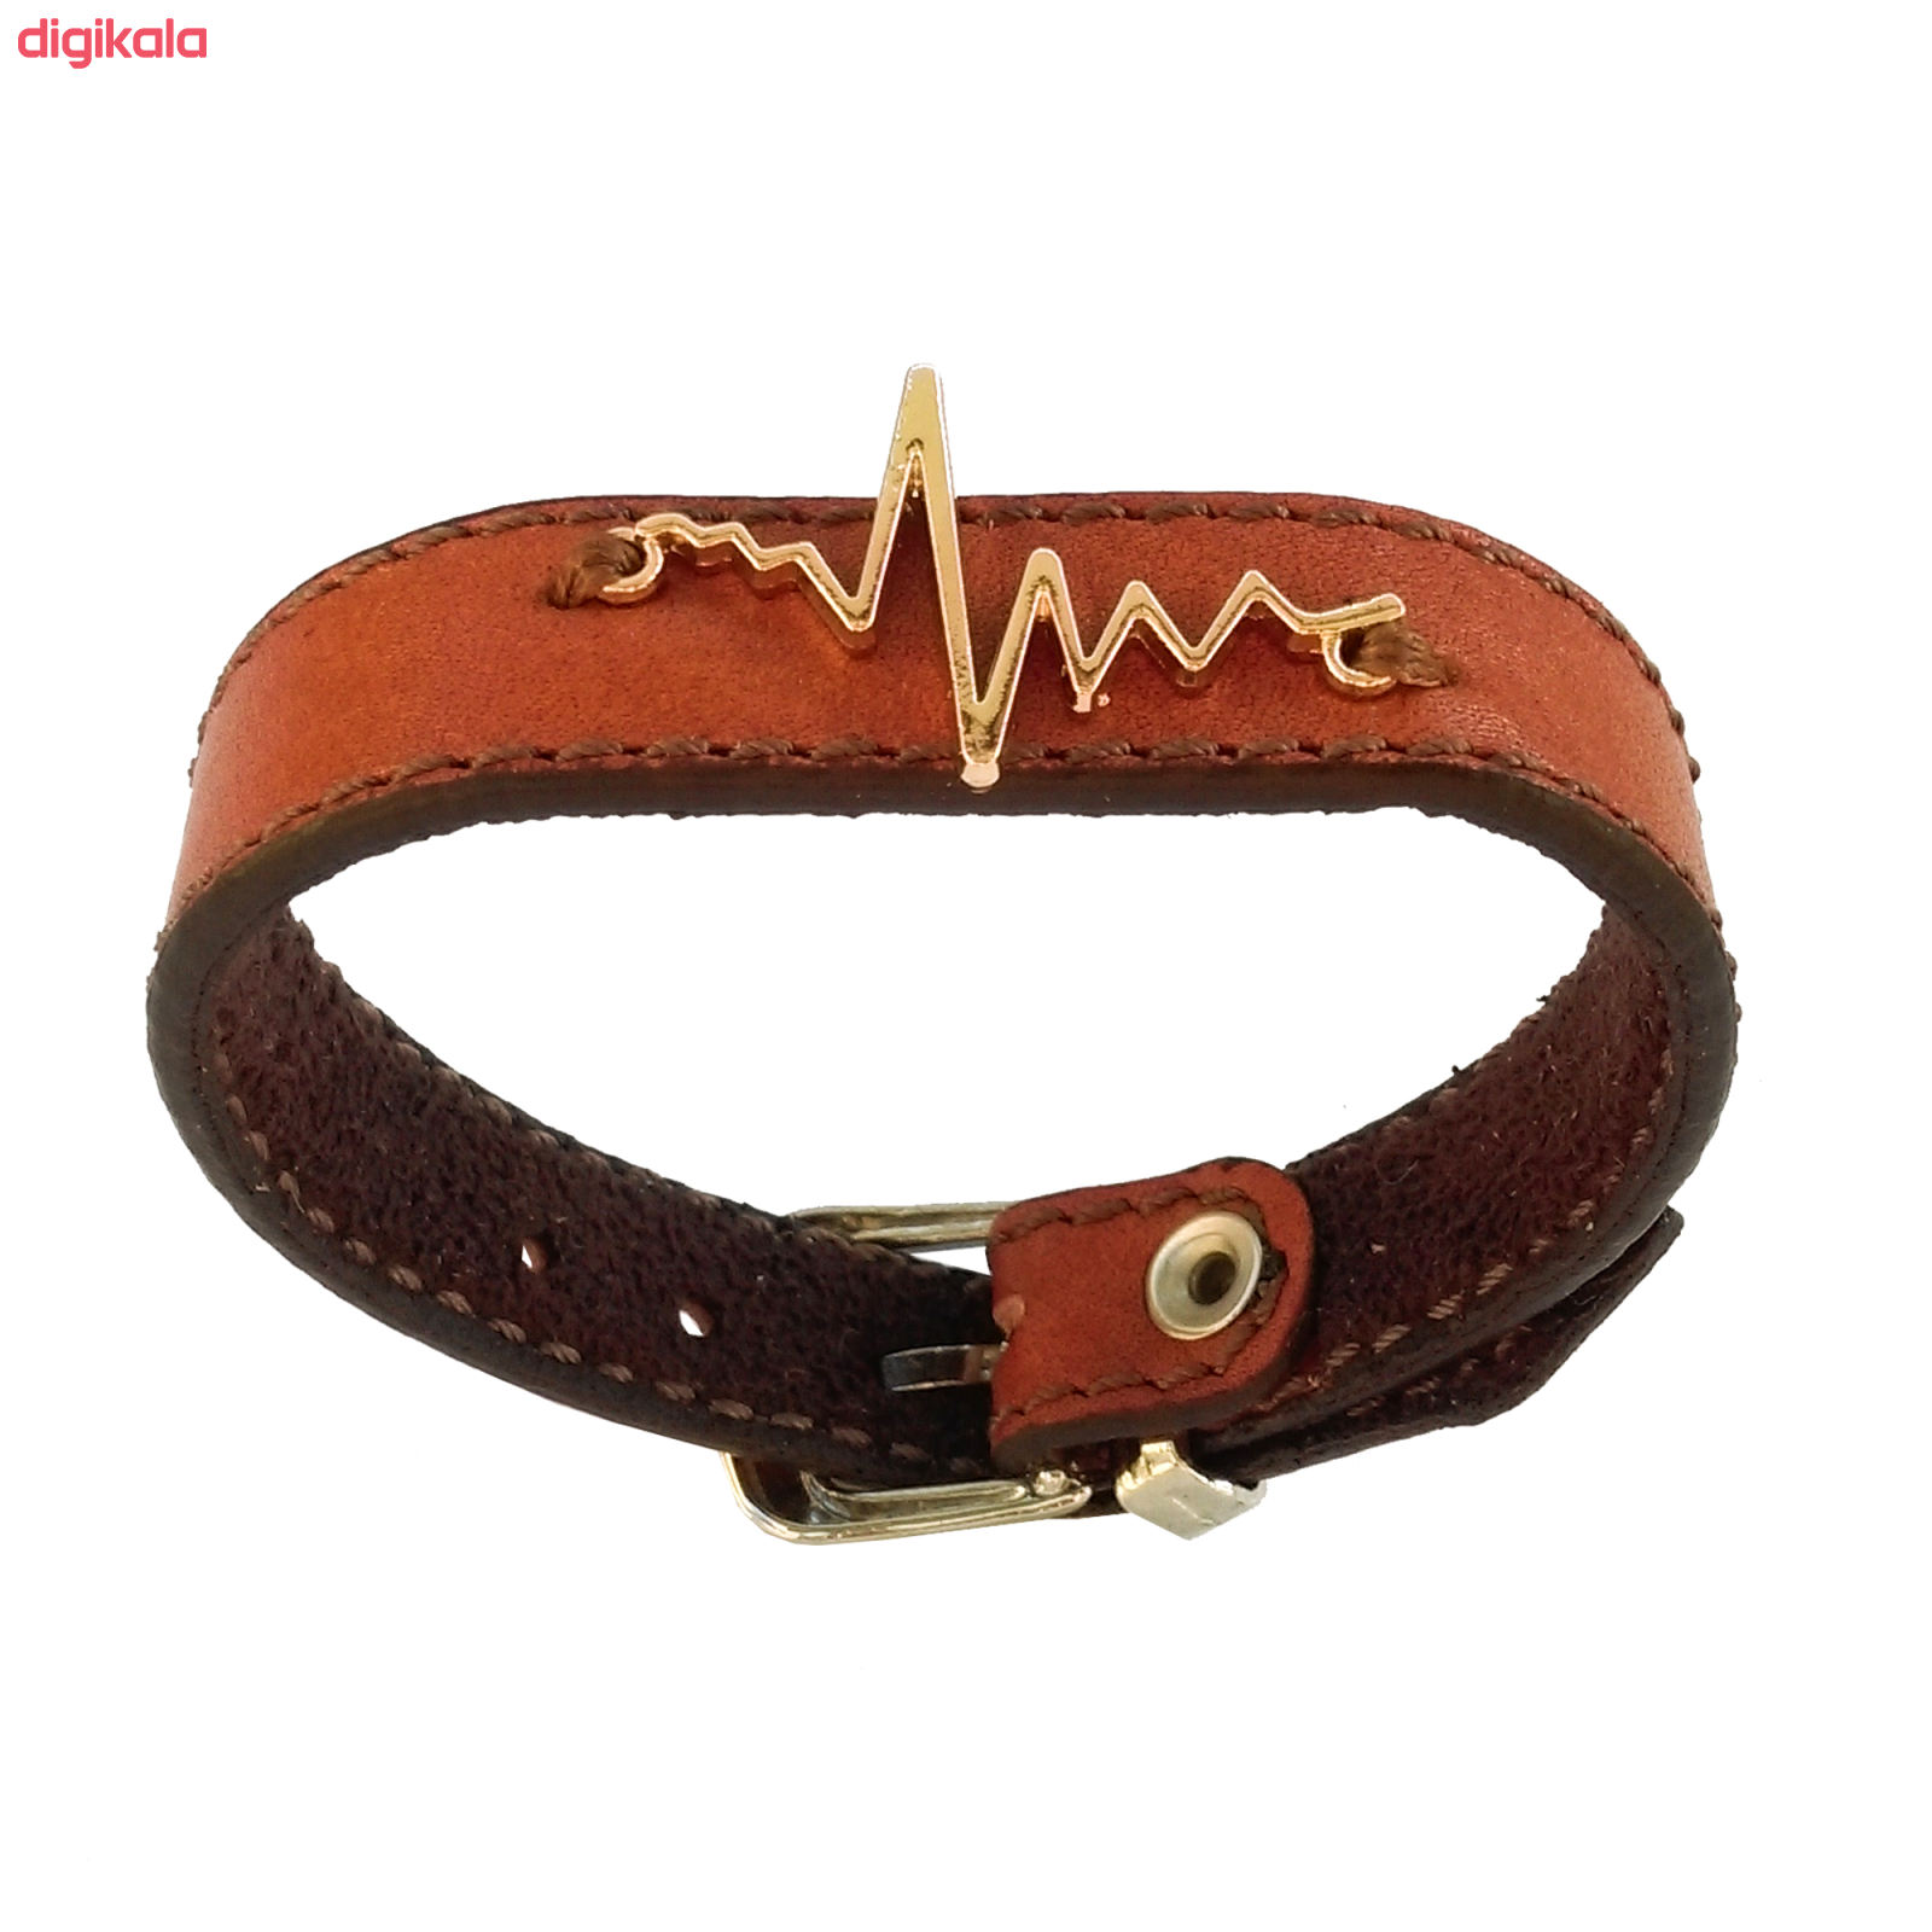 دستبند زنانه چرم وارک مدل پرهام کد rb59 main 1 16